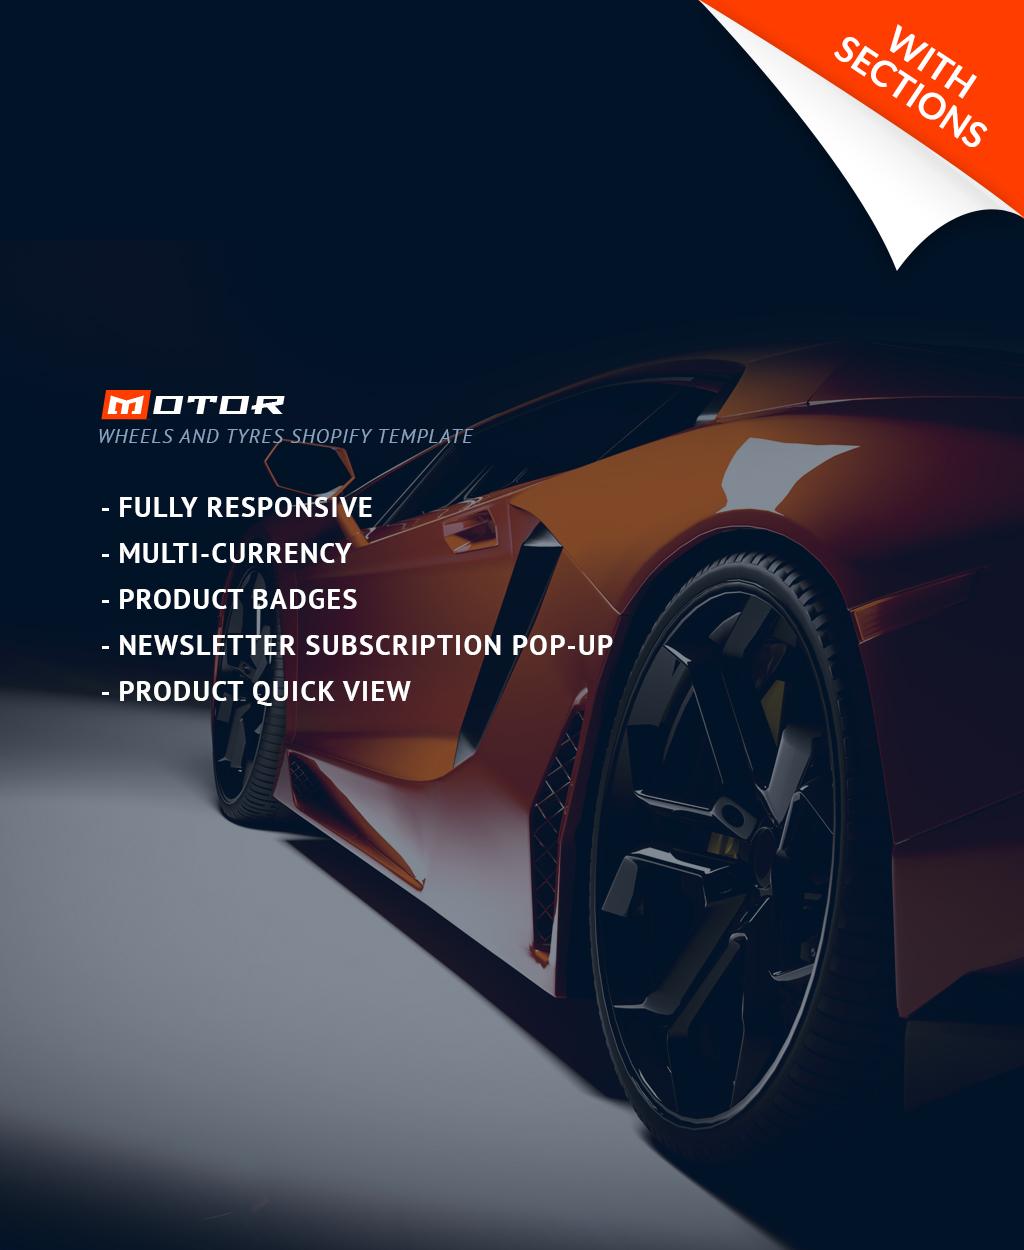 Modello Shopify Responsive #64055 per Un Sito di Ruote e Pneumatici